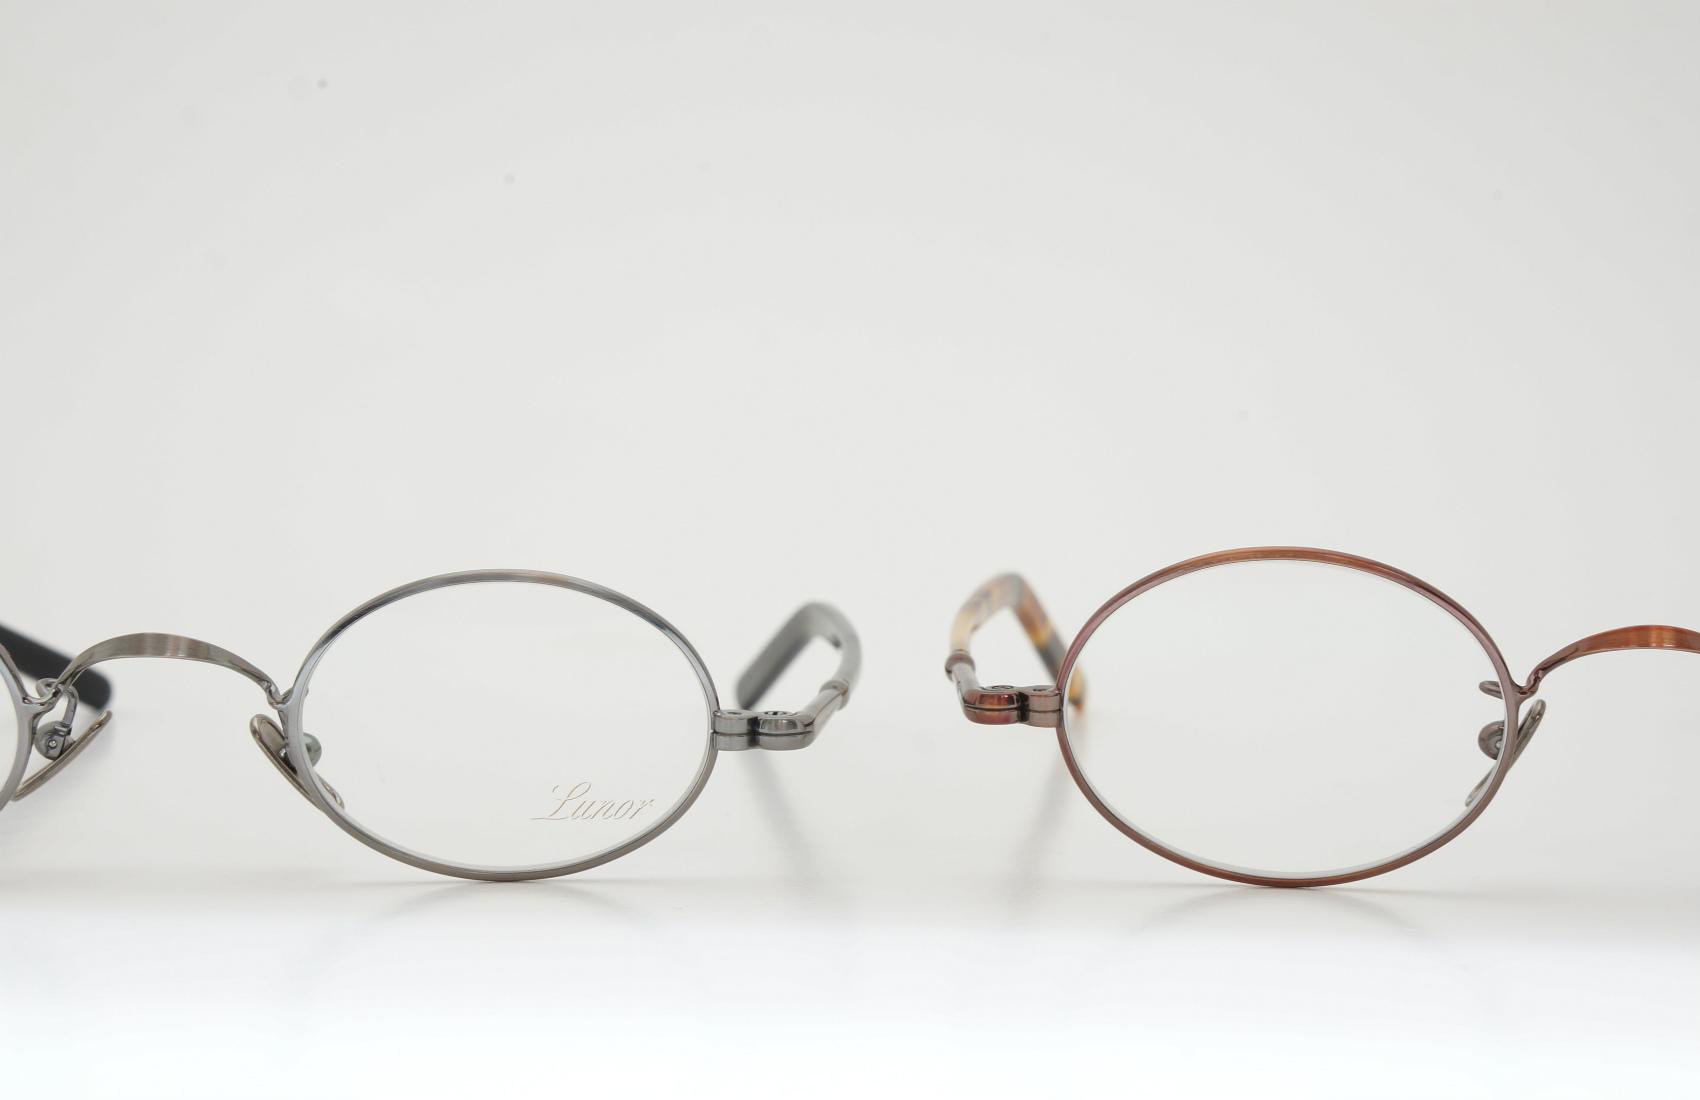 Lunor V-A100&V-A101